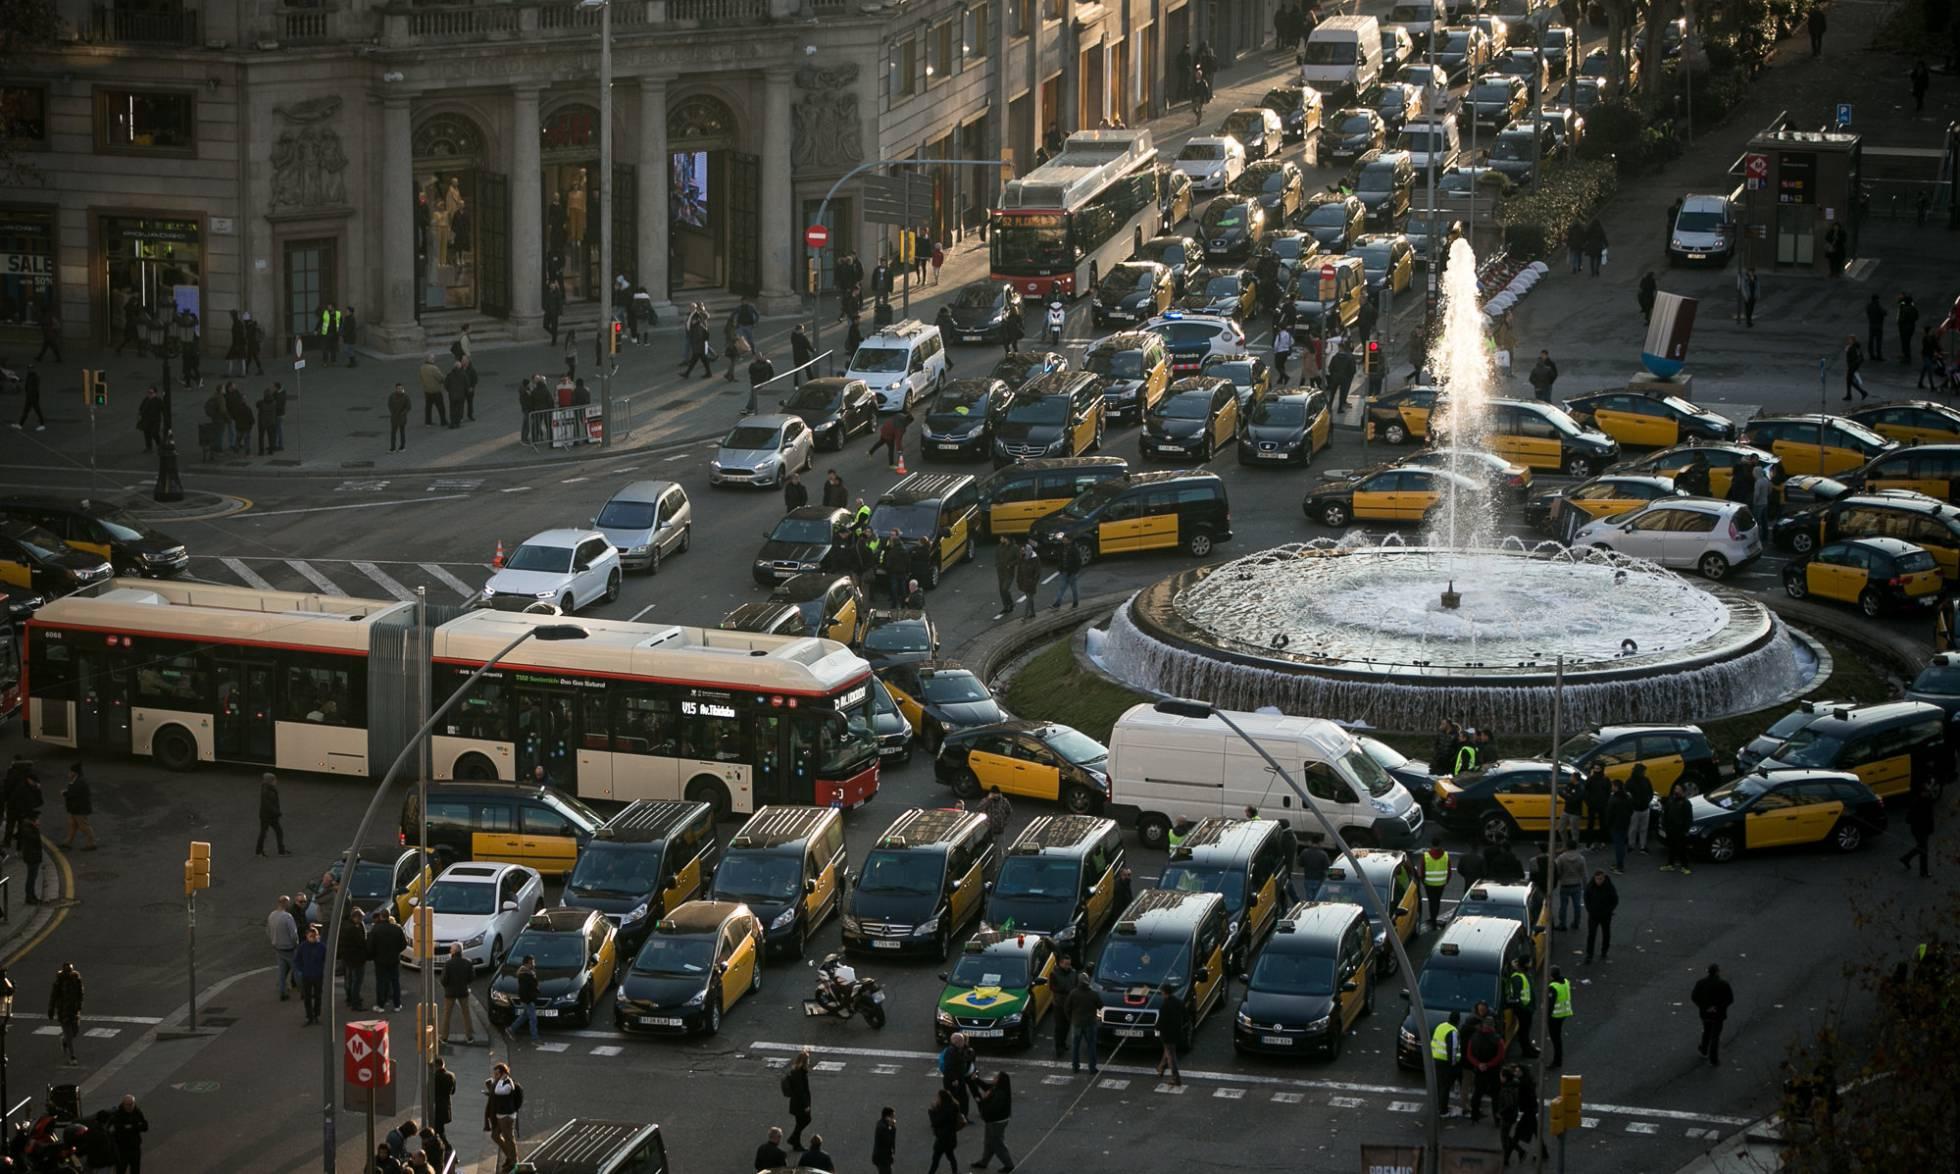 Vista general del epicentro de la protesta en Barcelona (Gran Vía con Paseo de Gracia), este lunes.